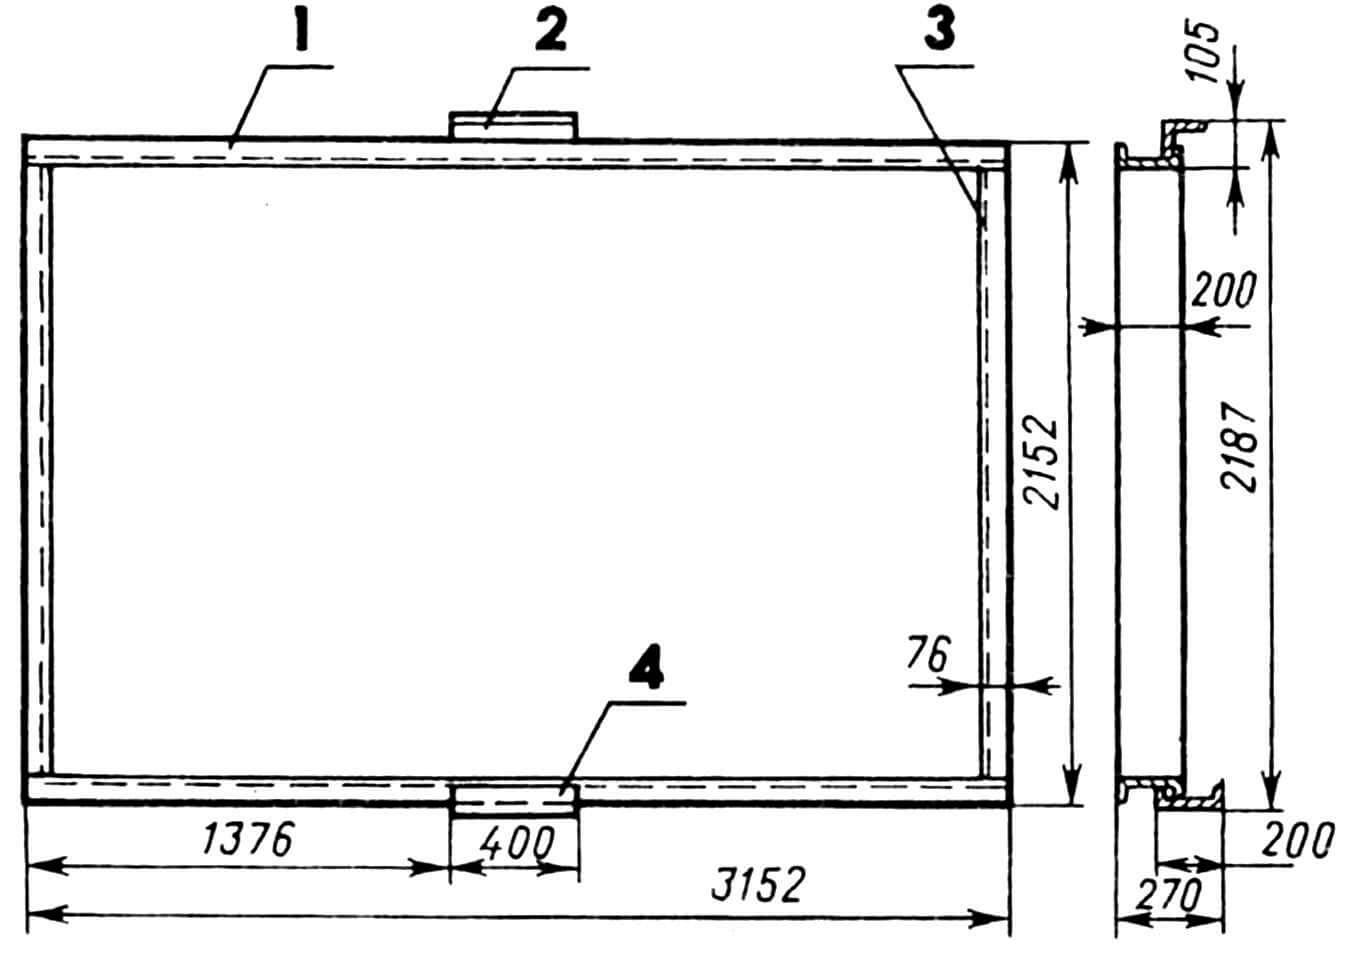 Рама дверного проема: 1 — поперечина (швеллер 200x76x5,2, 2 шт.), 2 — держатель верхний (уголок 100x100x5), 3 — стойка (швеллер 200x76x5,2, 2 шт.), 4 — держатель нижний.